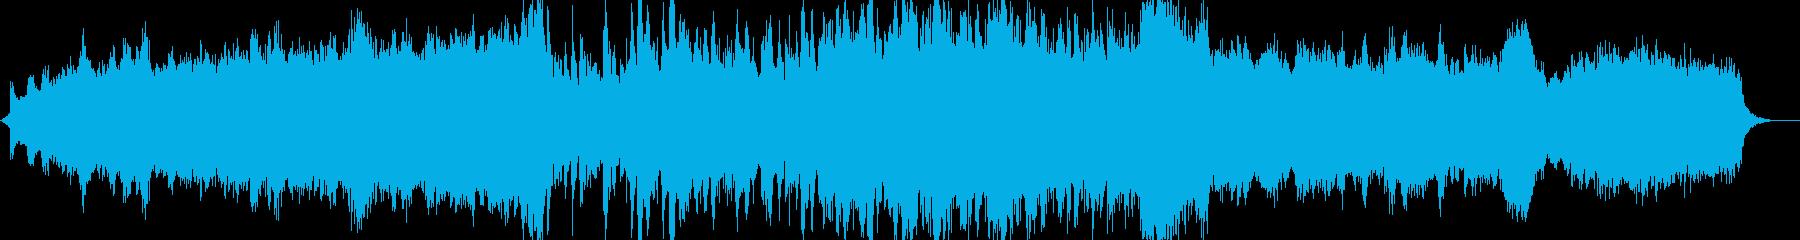 歴史物/ドラマ/SPRG/OP/PVの再生済みの波形